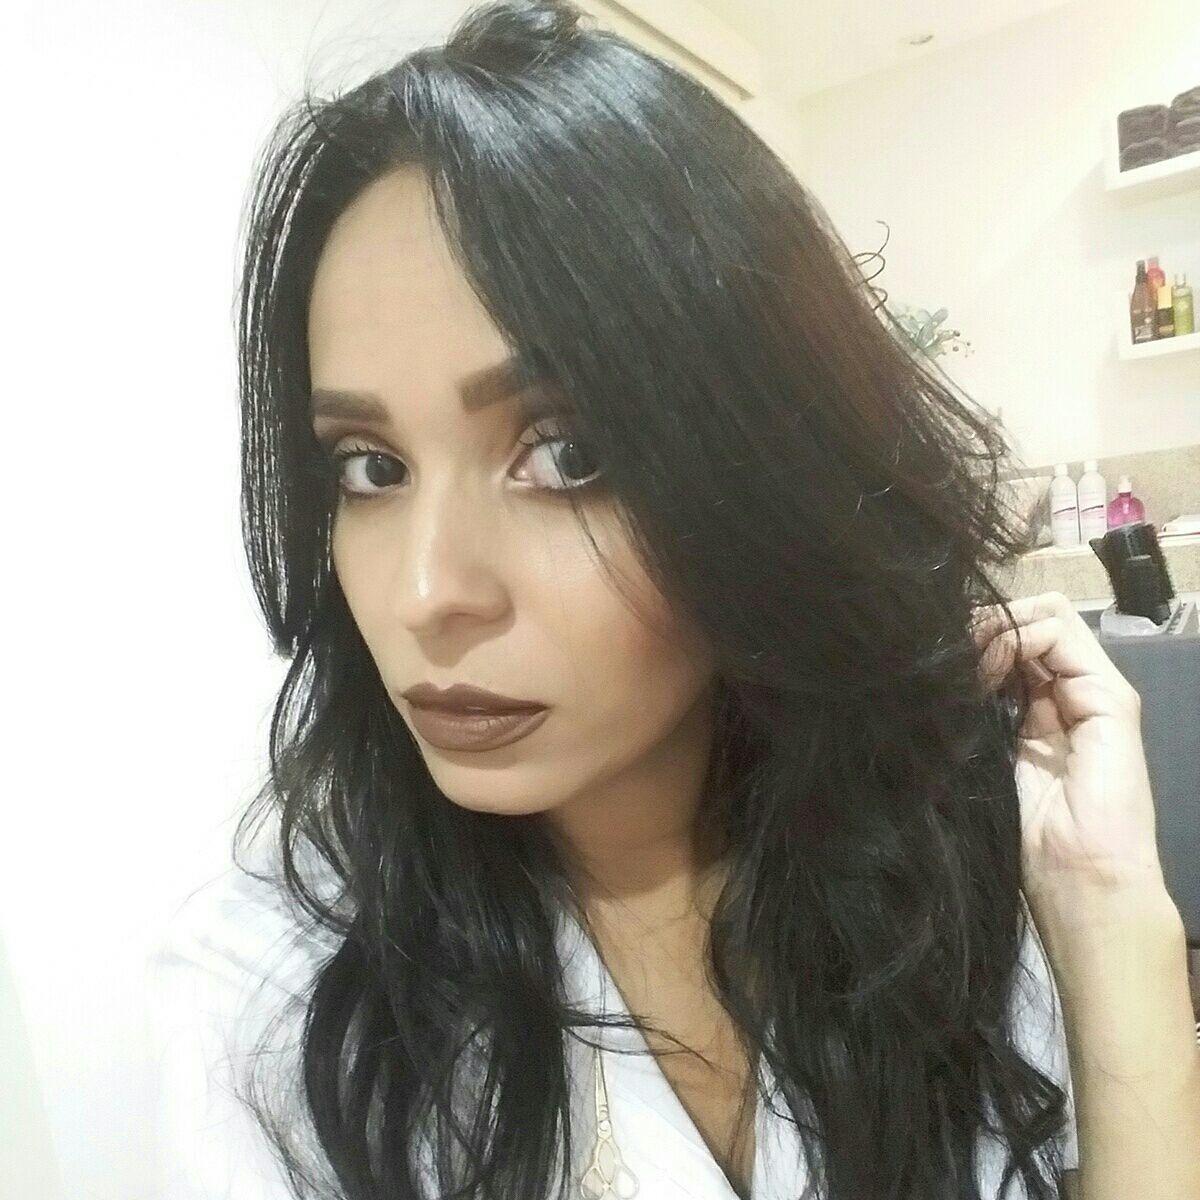 maquiagem cabeleireiro(a) esteticista maquiador(a) assistente esteticista assistente maquiador(a)